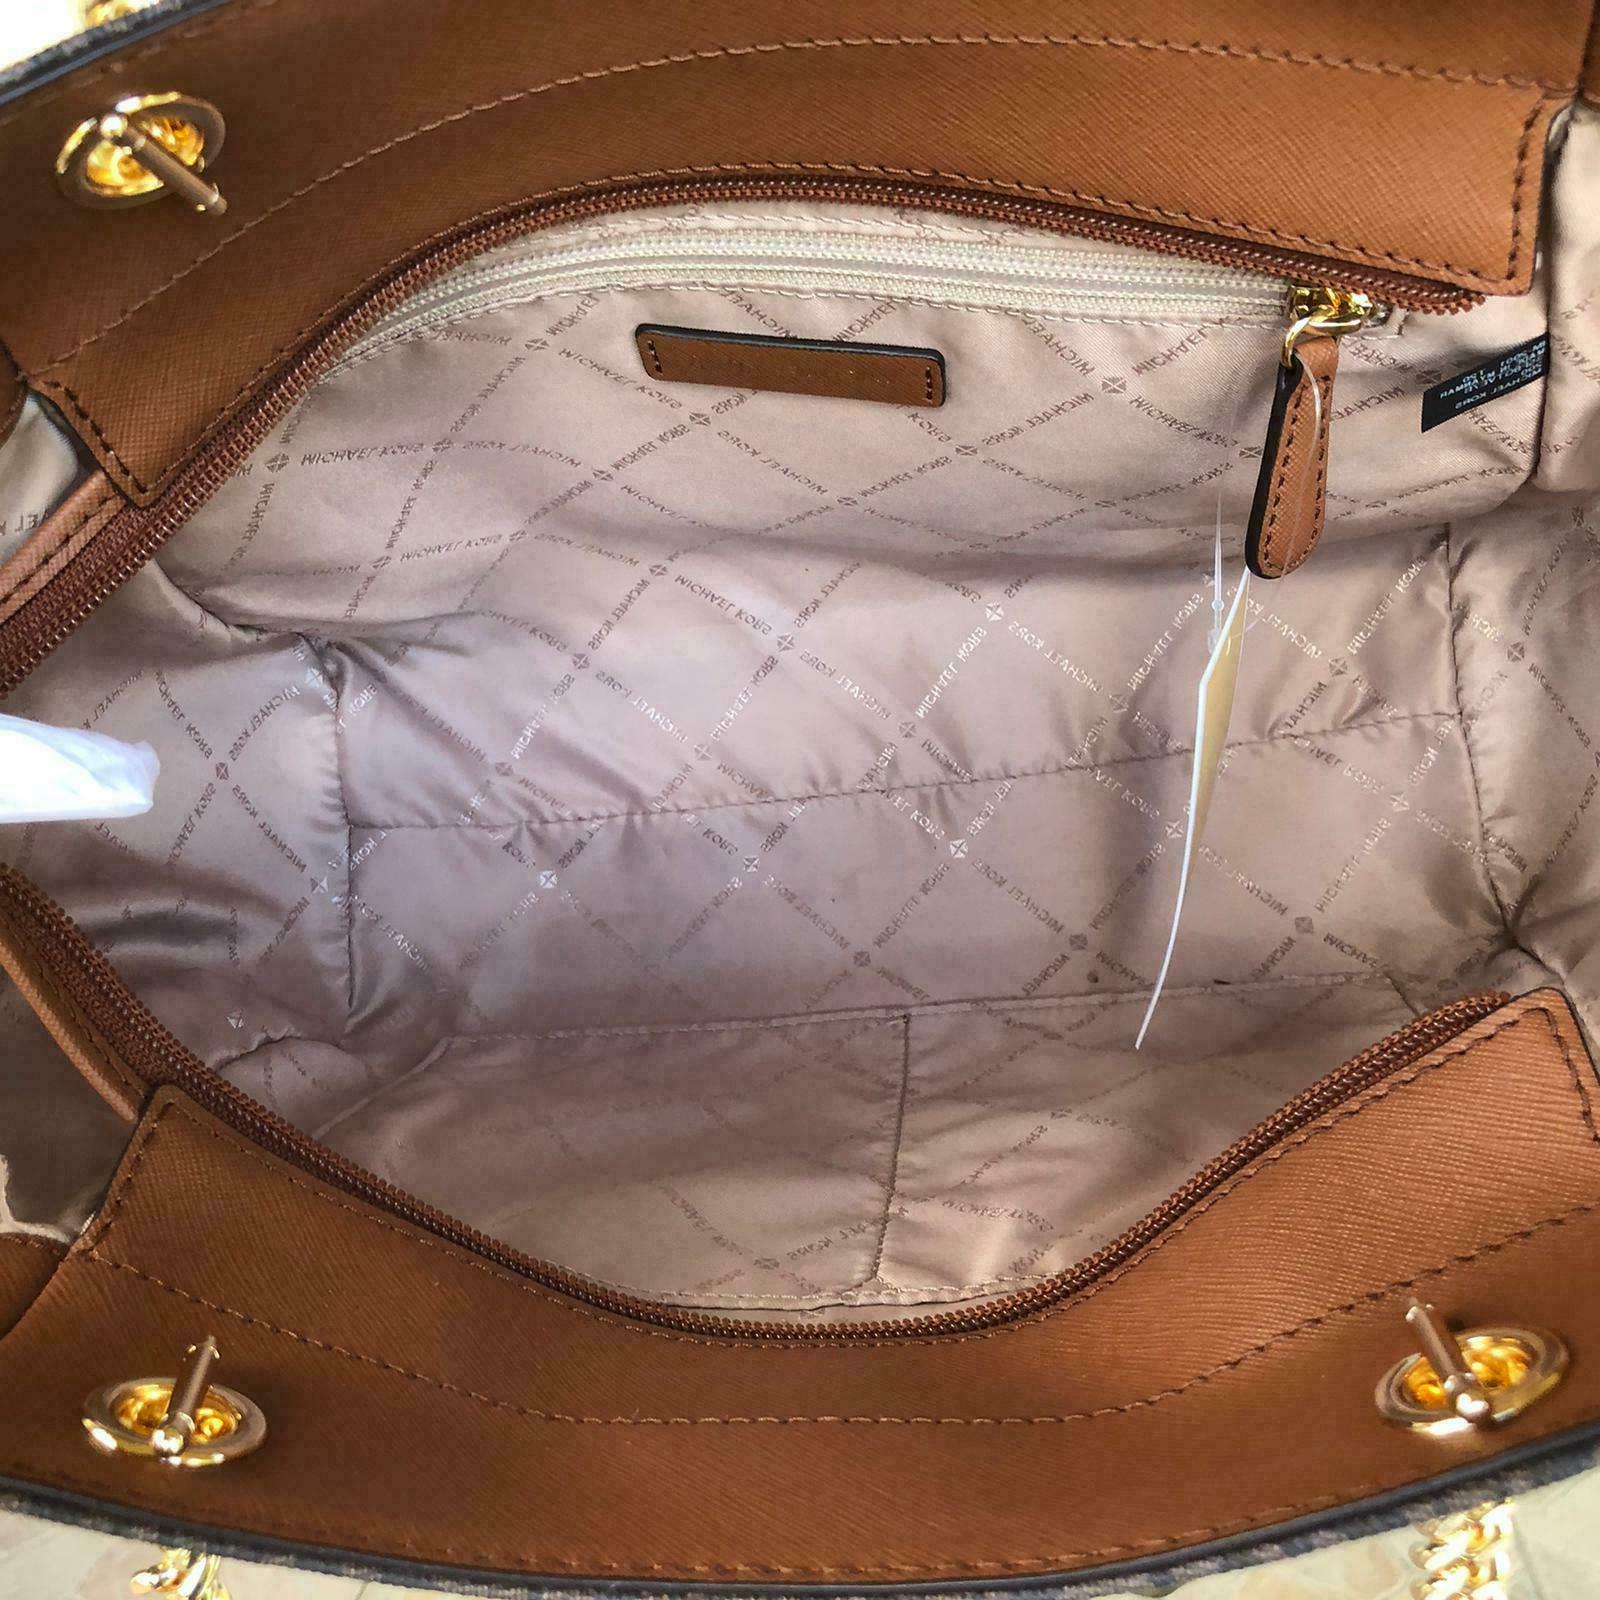 Michael Kors Shoulder Handbag